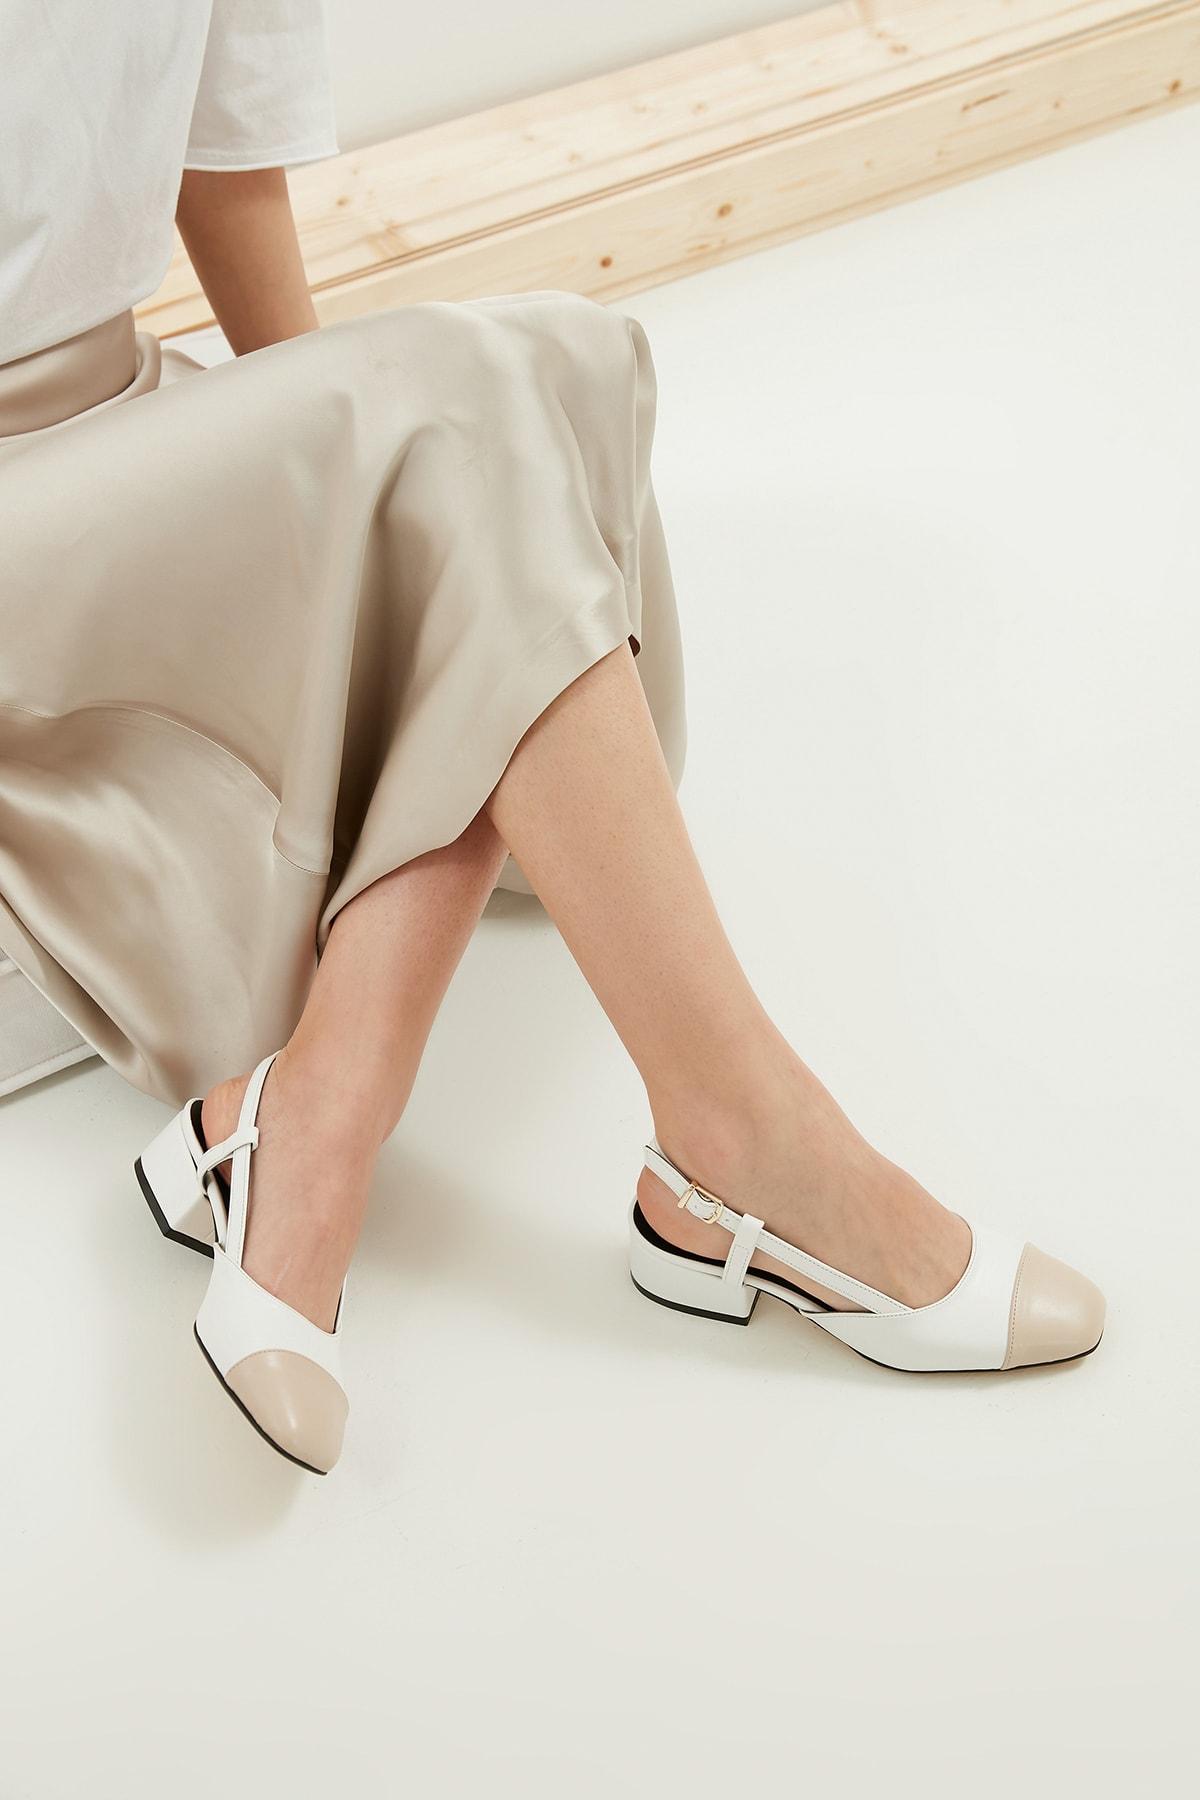 Hilda Beyaz Kısa Topuklu Ayakkabı